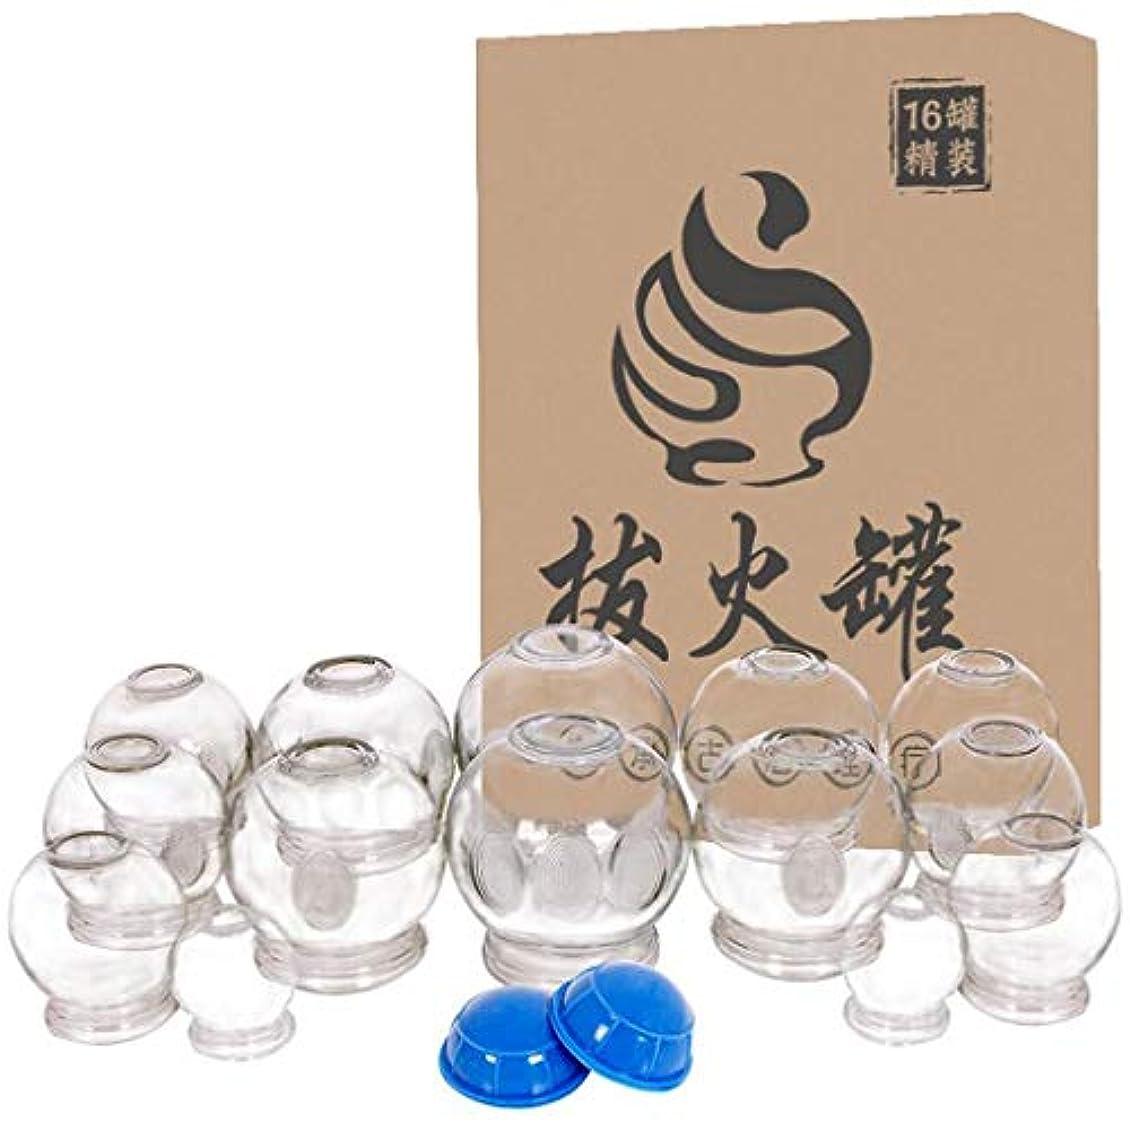 遅れテスピアンシルクガラスカッピング家庭医療美容サロンをカッピングデバイスをカッピングプロフェッショナルのために16個厚いガラスカッピングセット